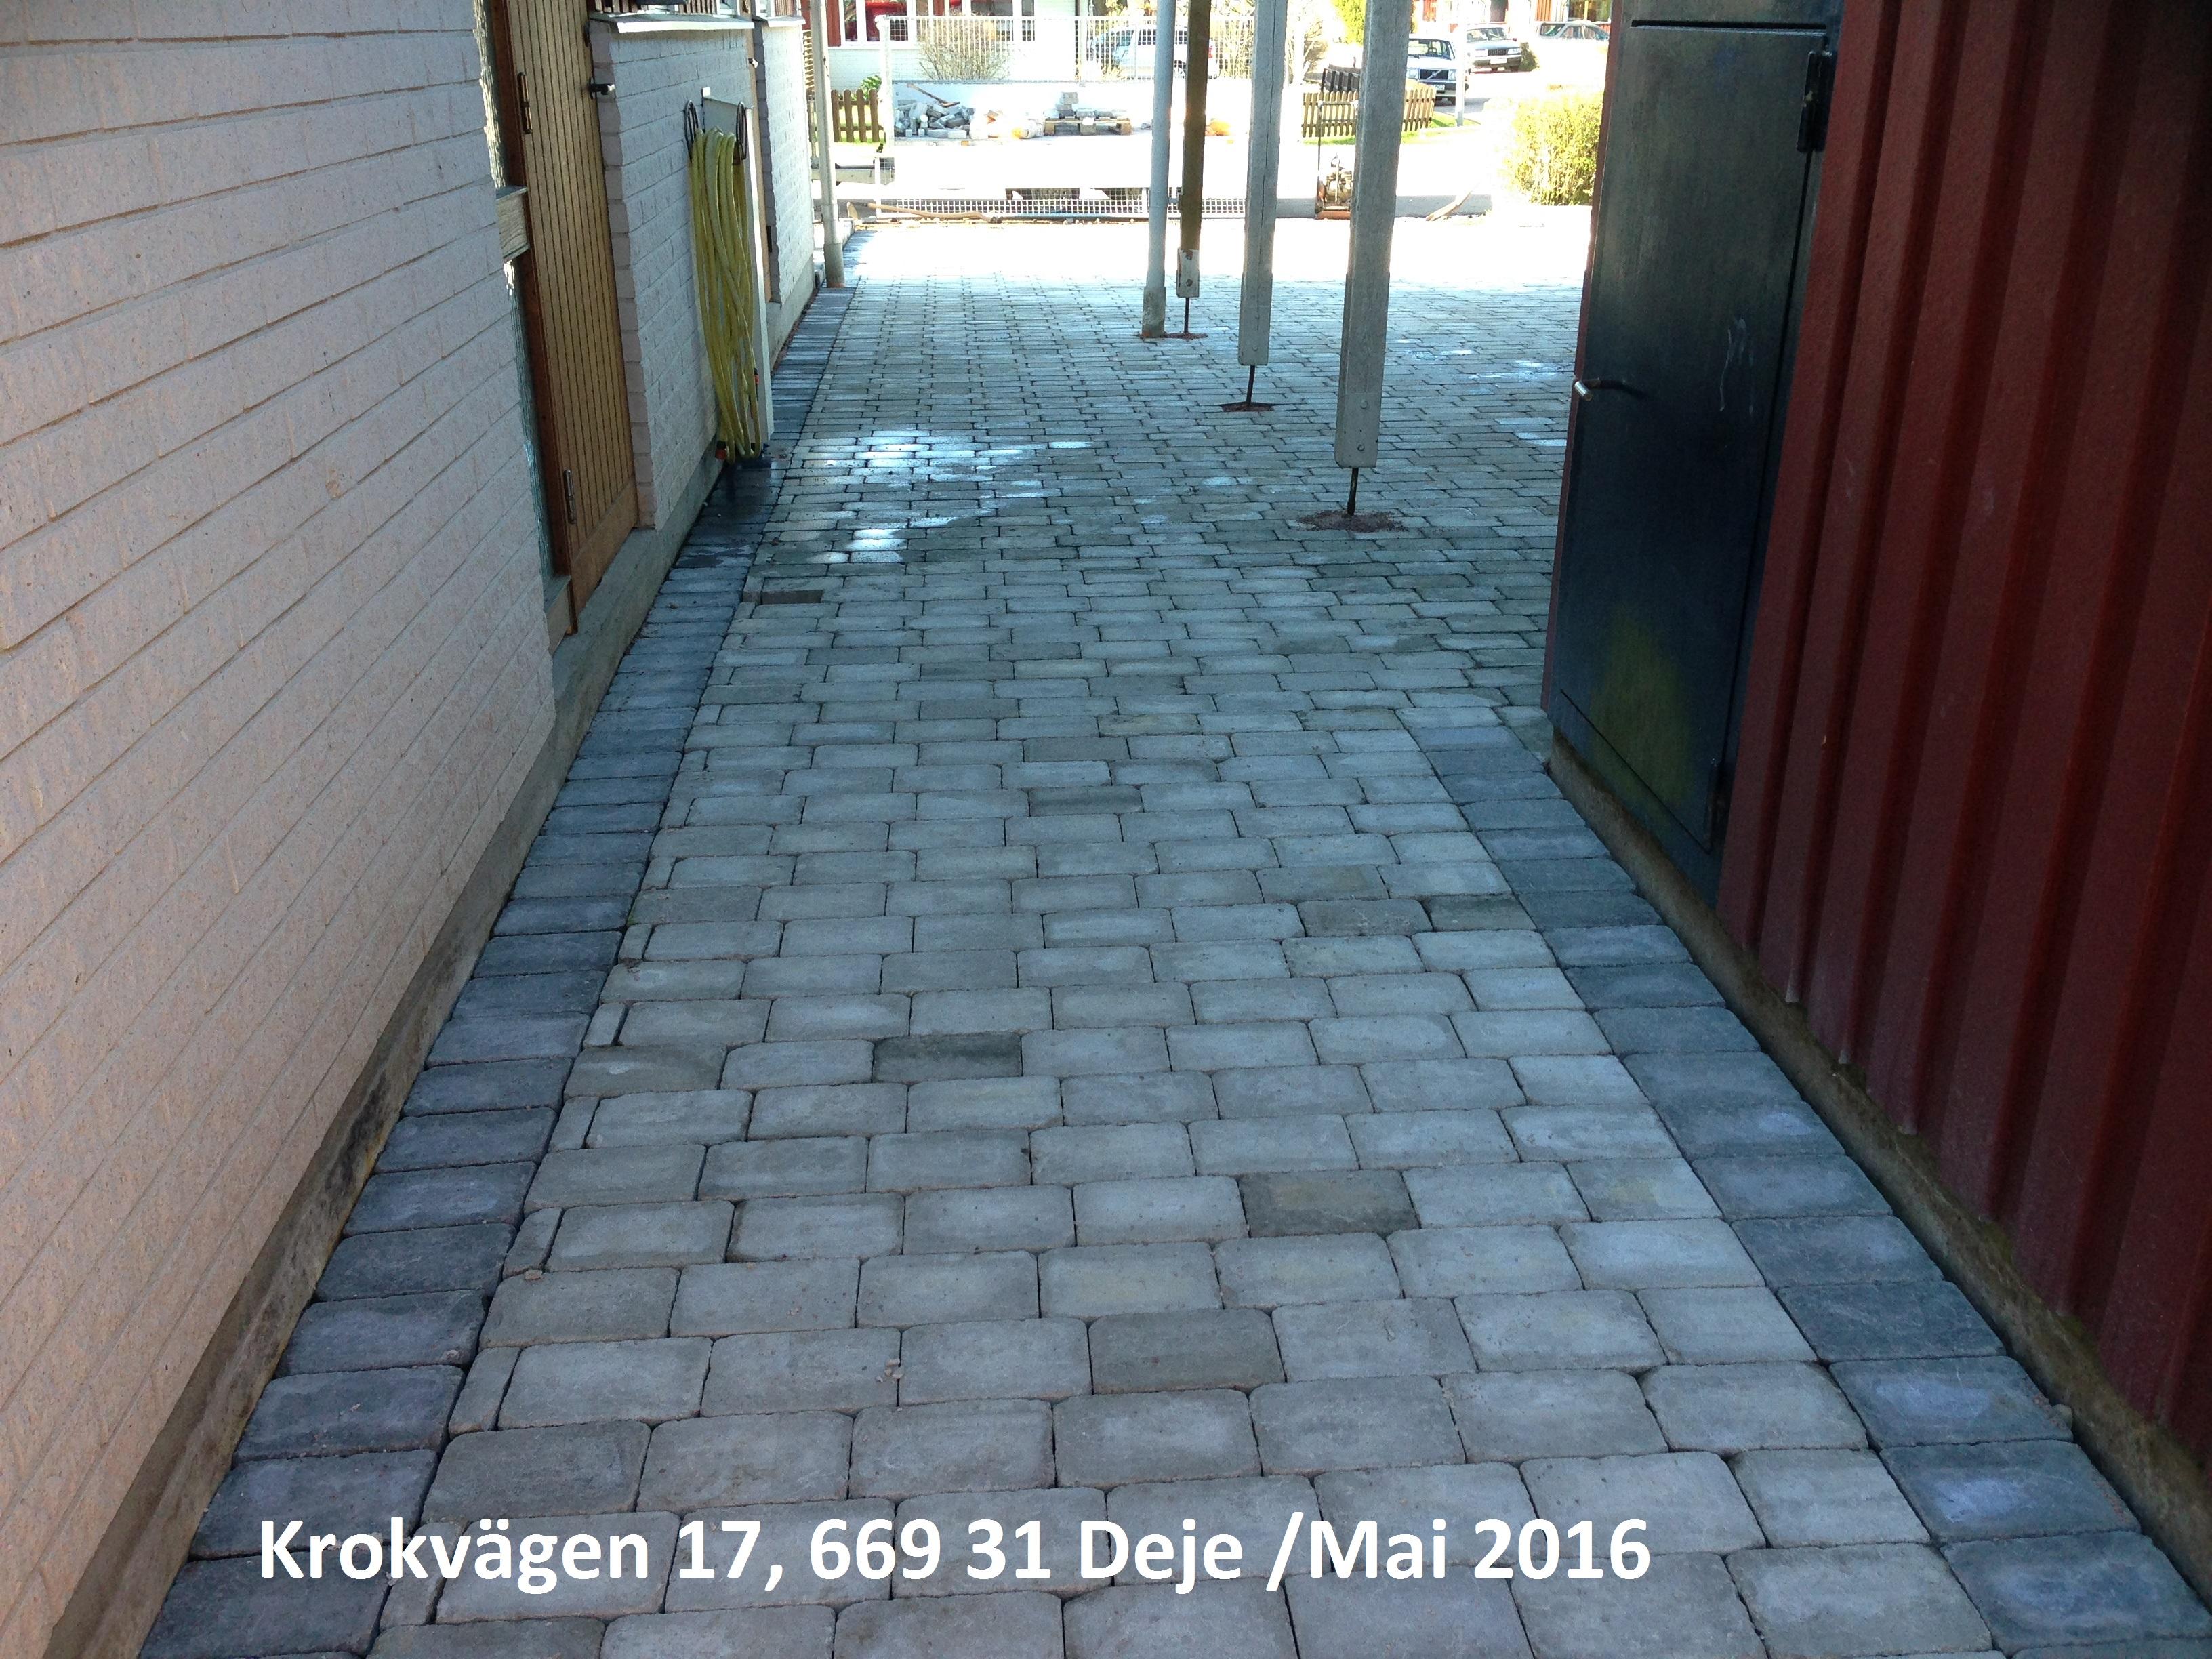 Krokvägen_17,_669_31_Deje,_Sverige_(21)